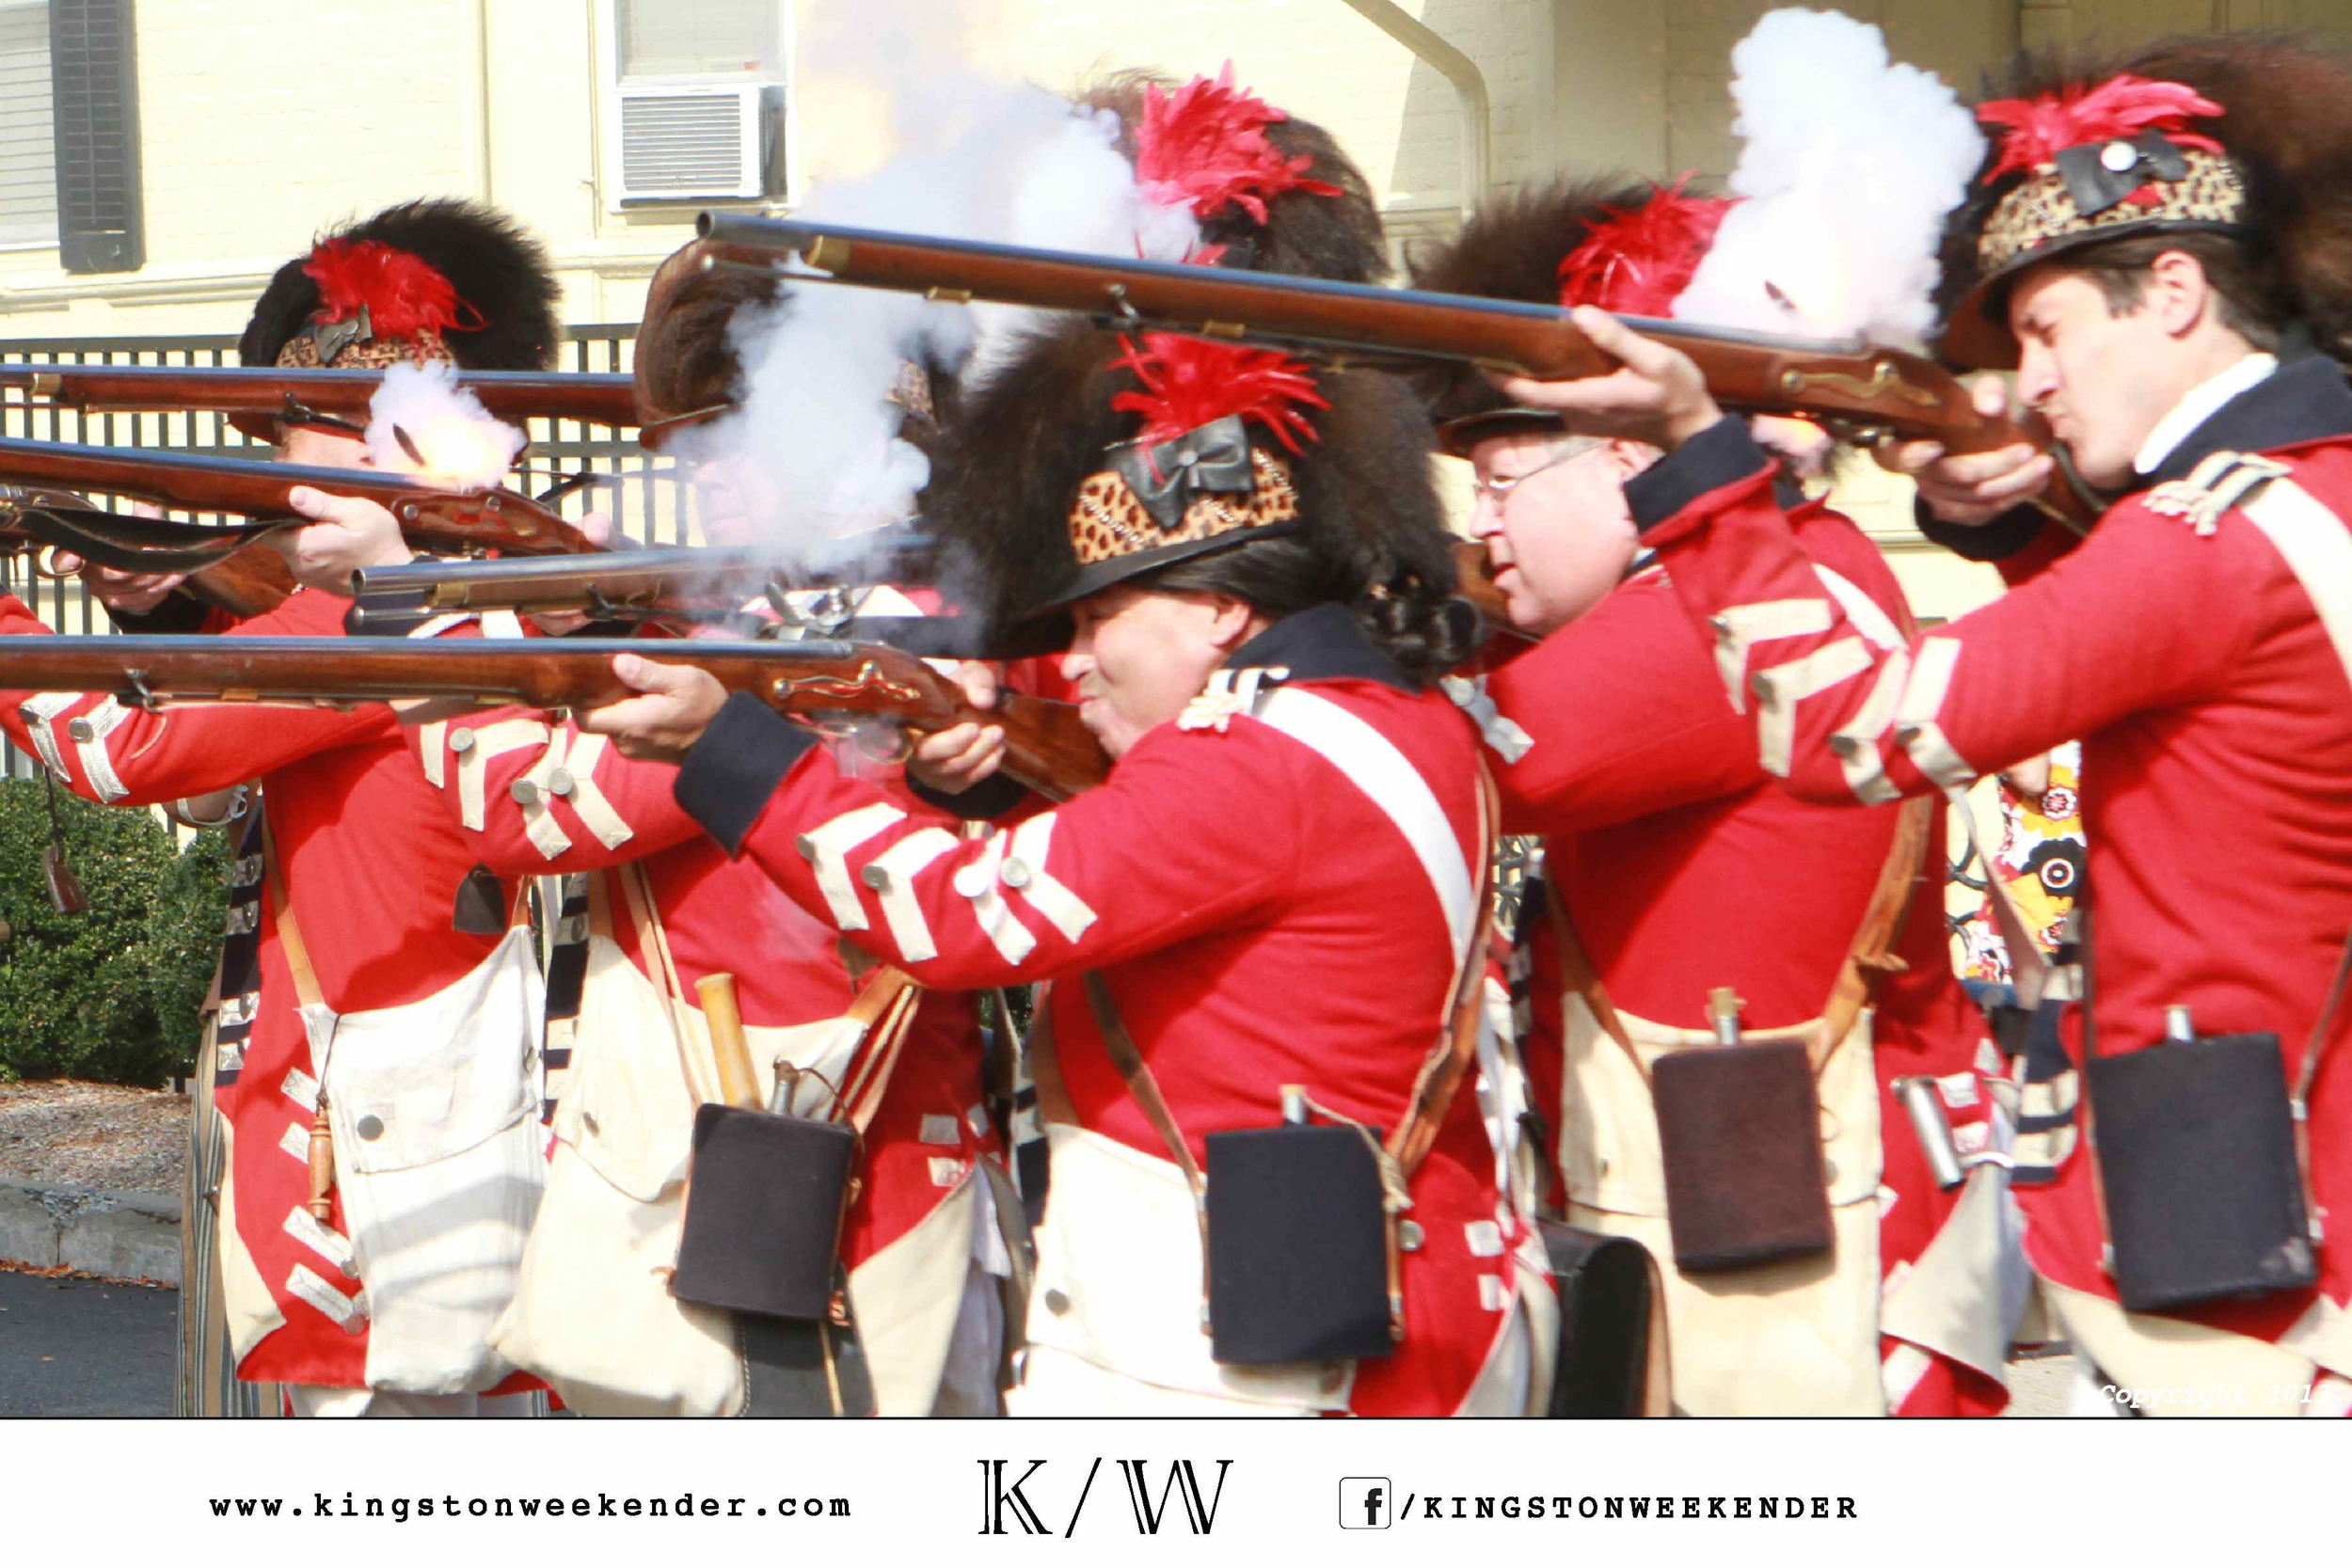 kingston-weekender-photo-credits13.jpg